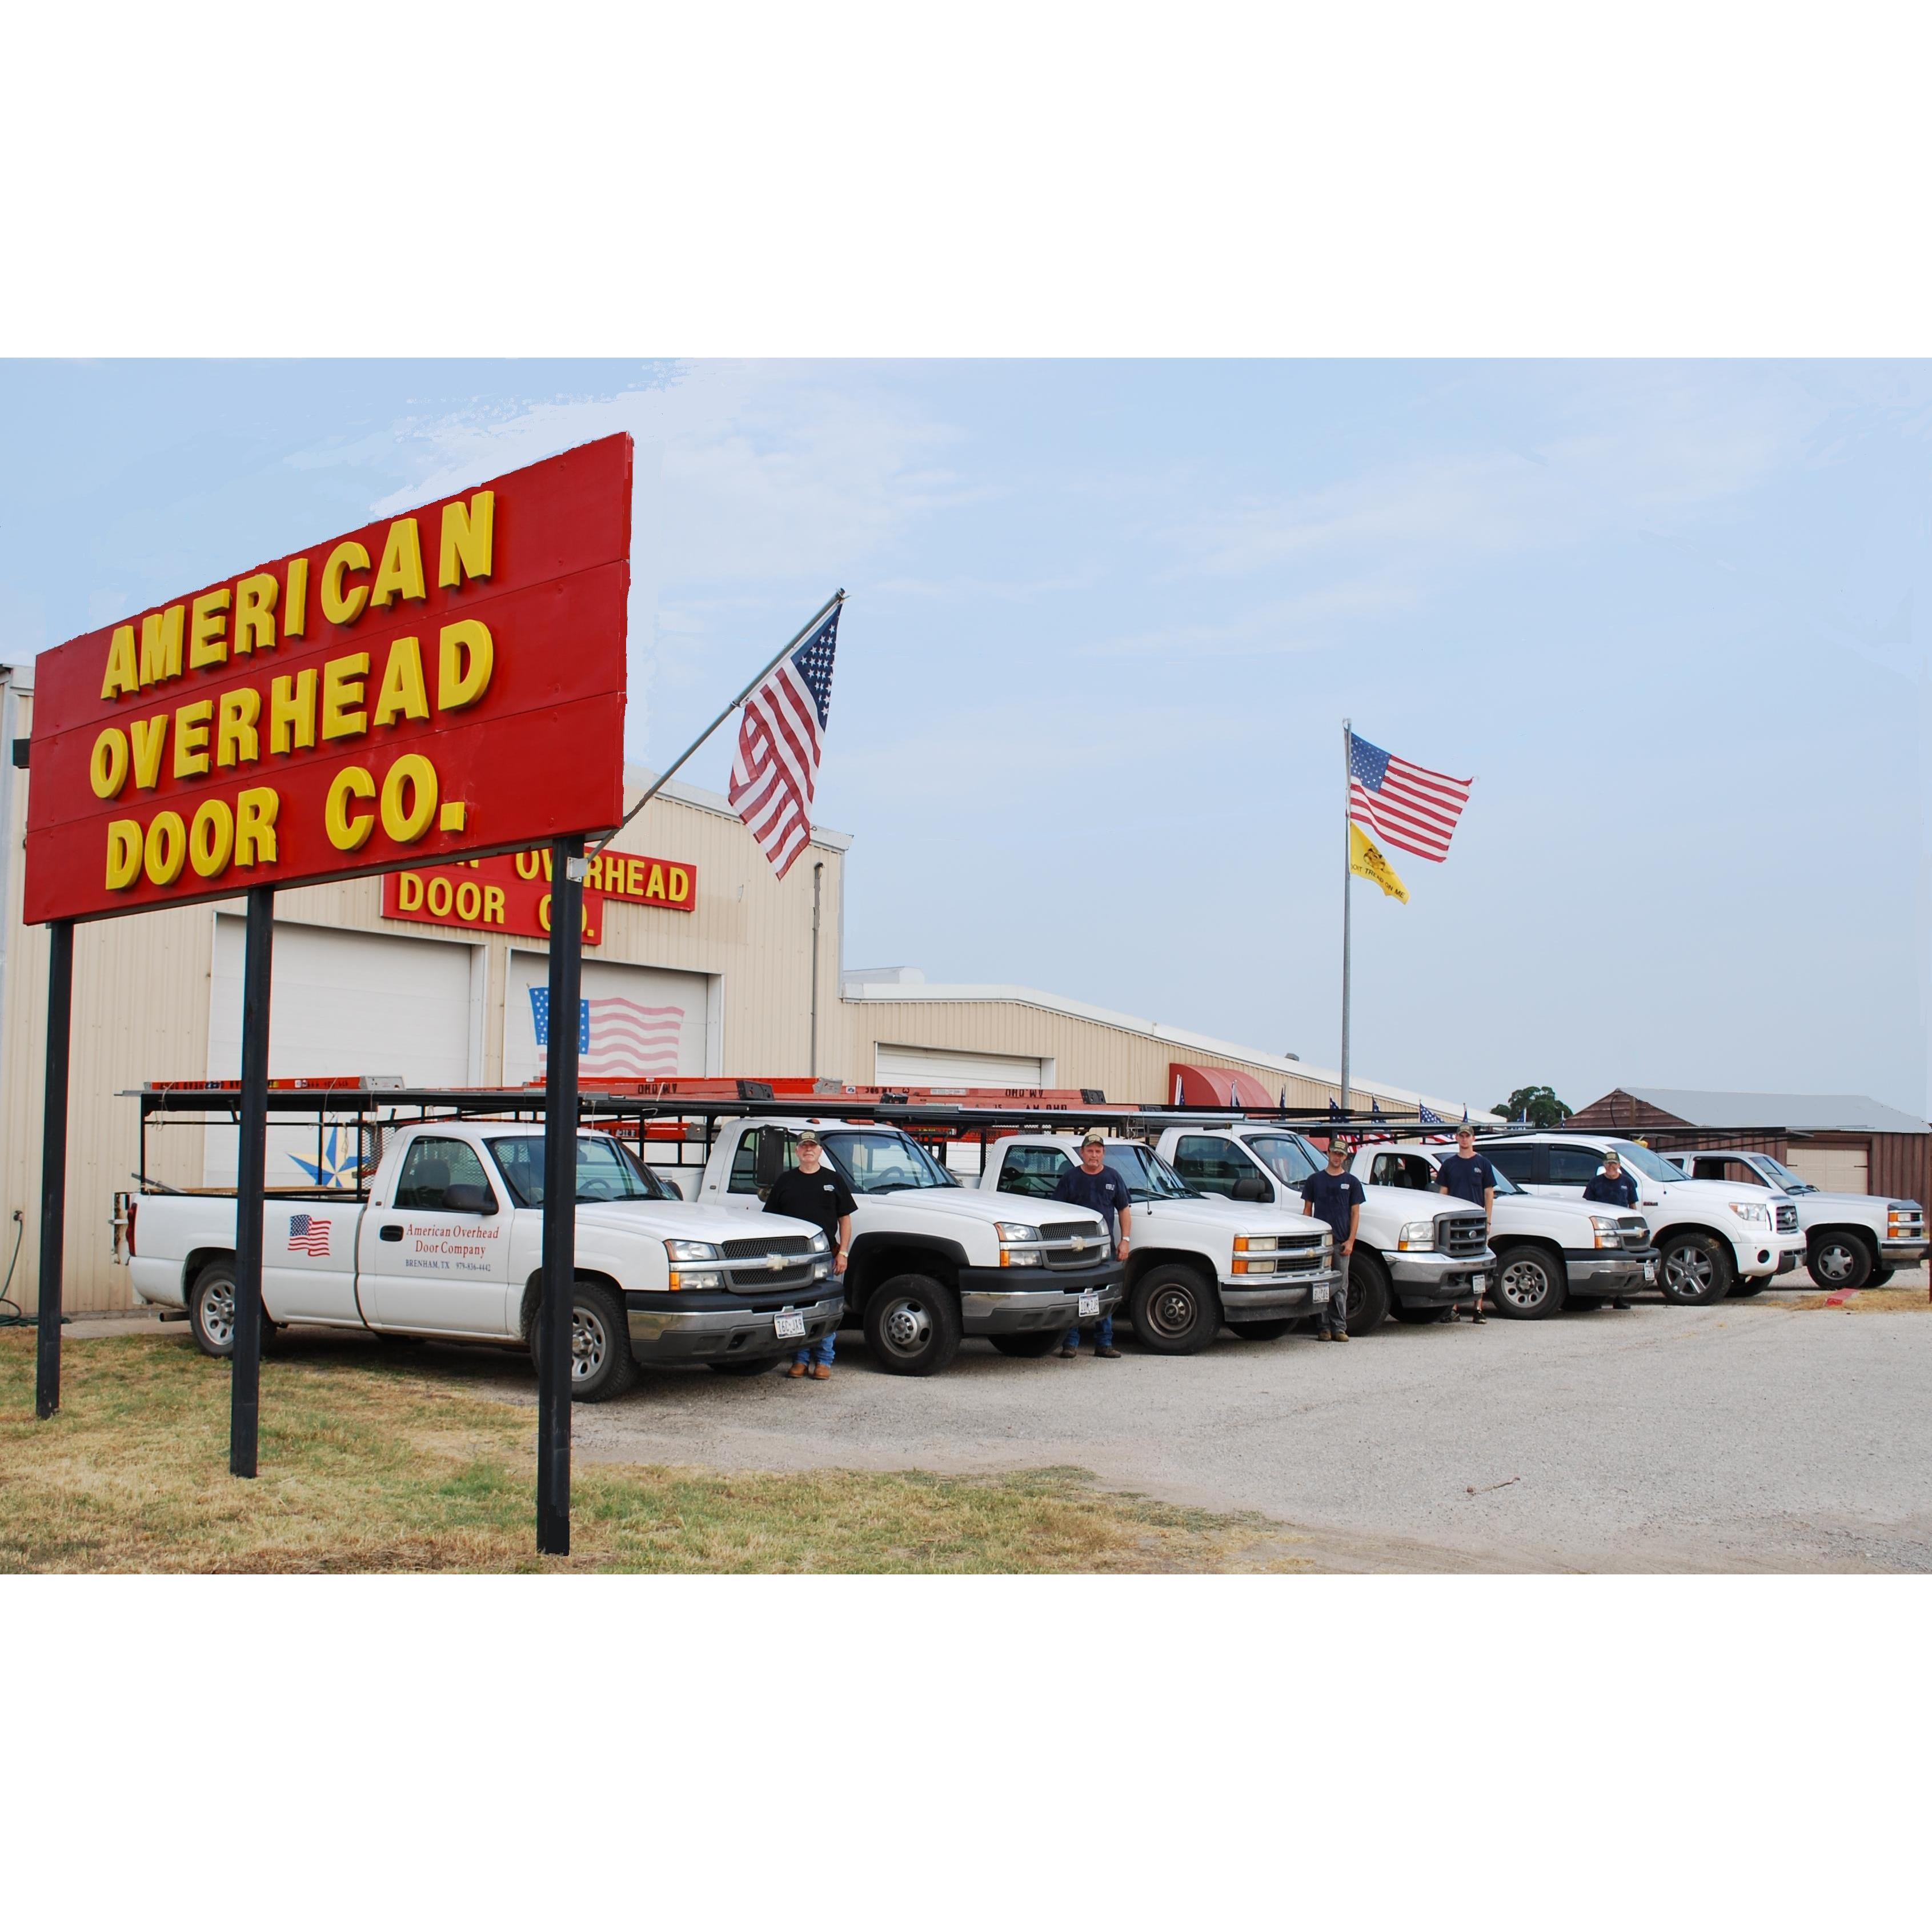 American overhead door company in brenham tx 979 836 4 for Local door companies